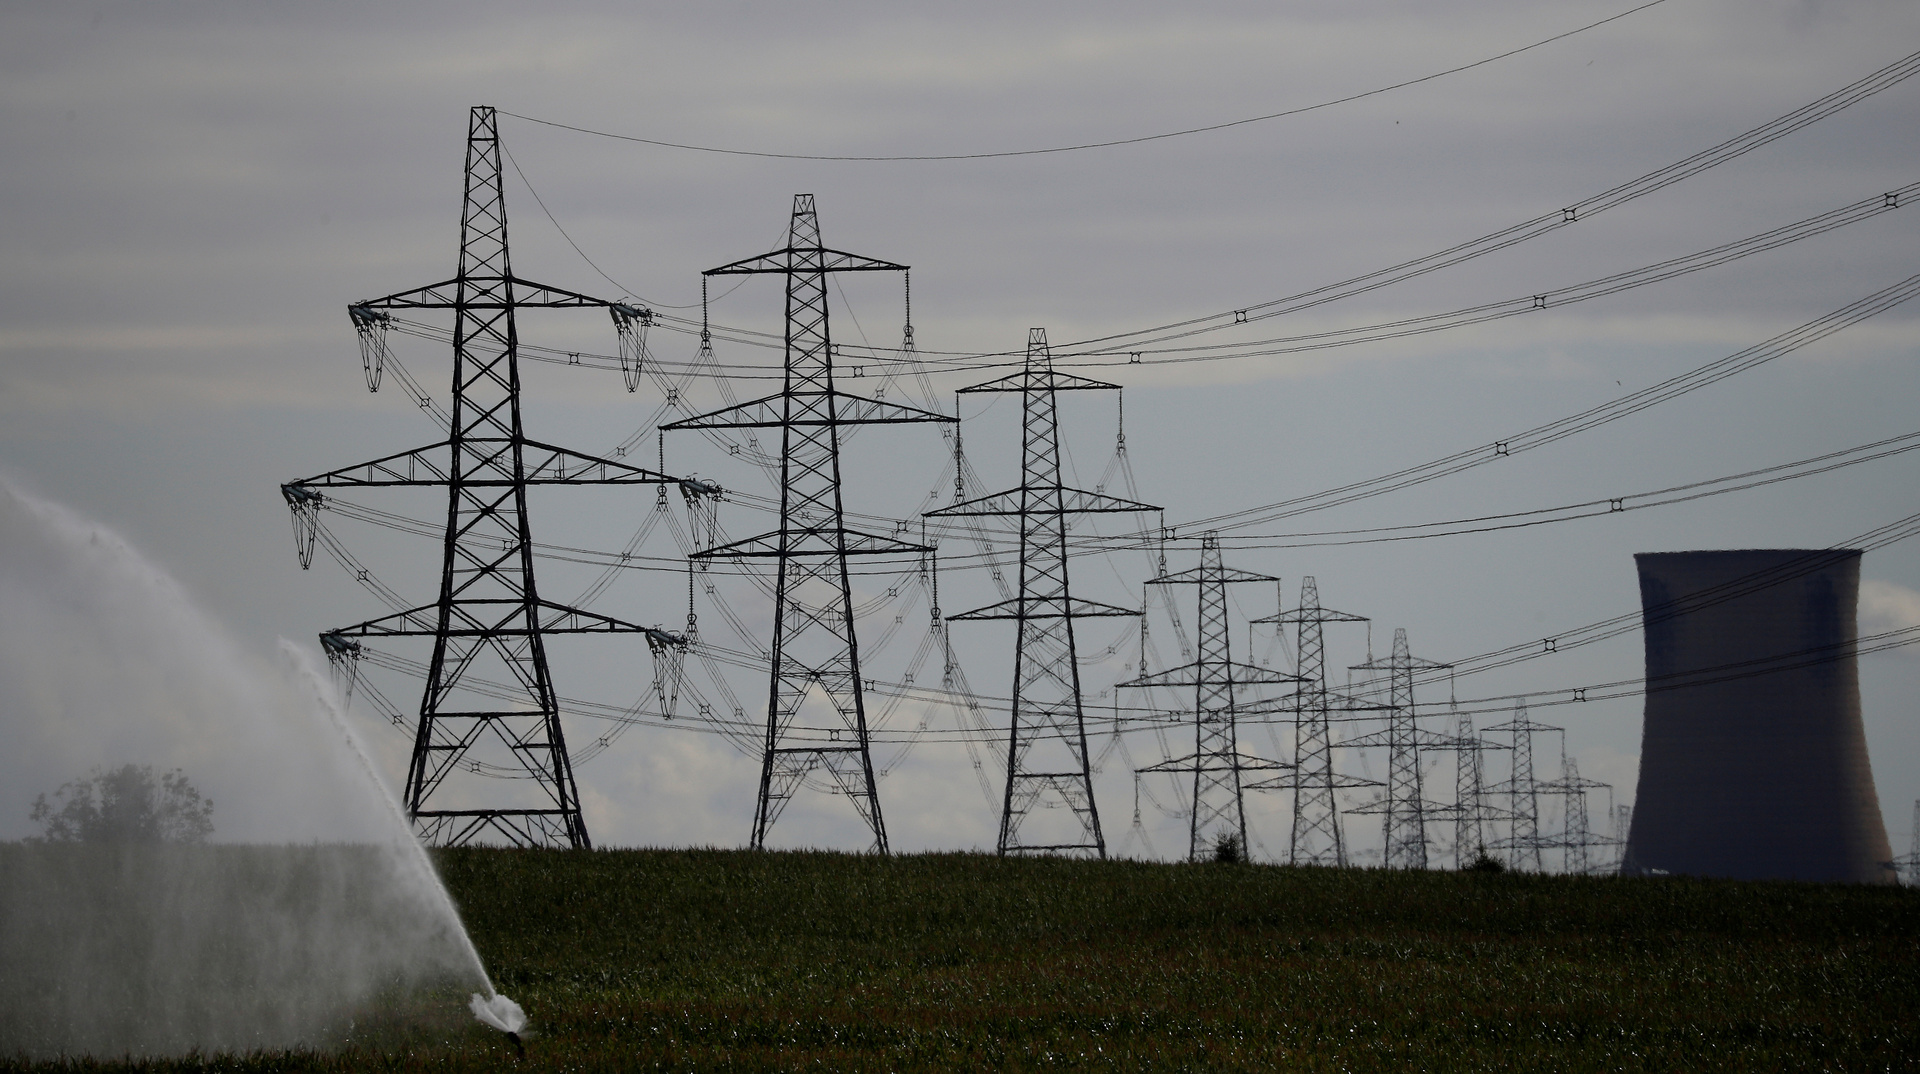 صحيفة: الحكومة البريطانية تستعد لخصخصة قطاع الكهرباء